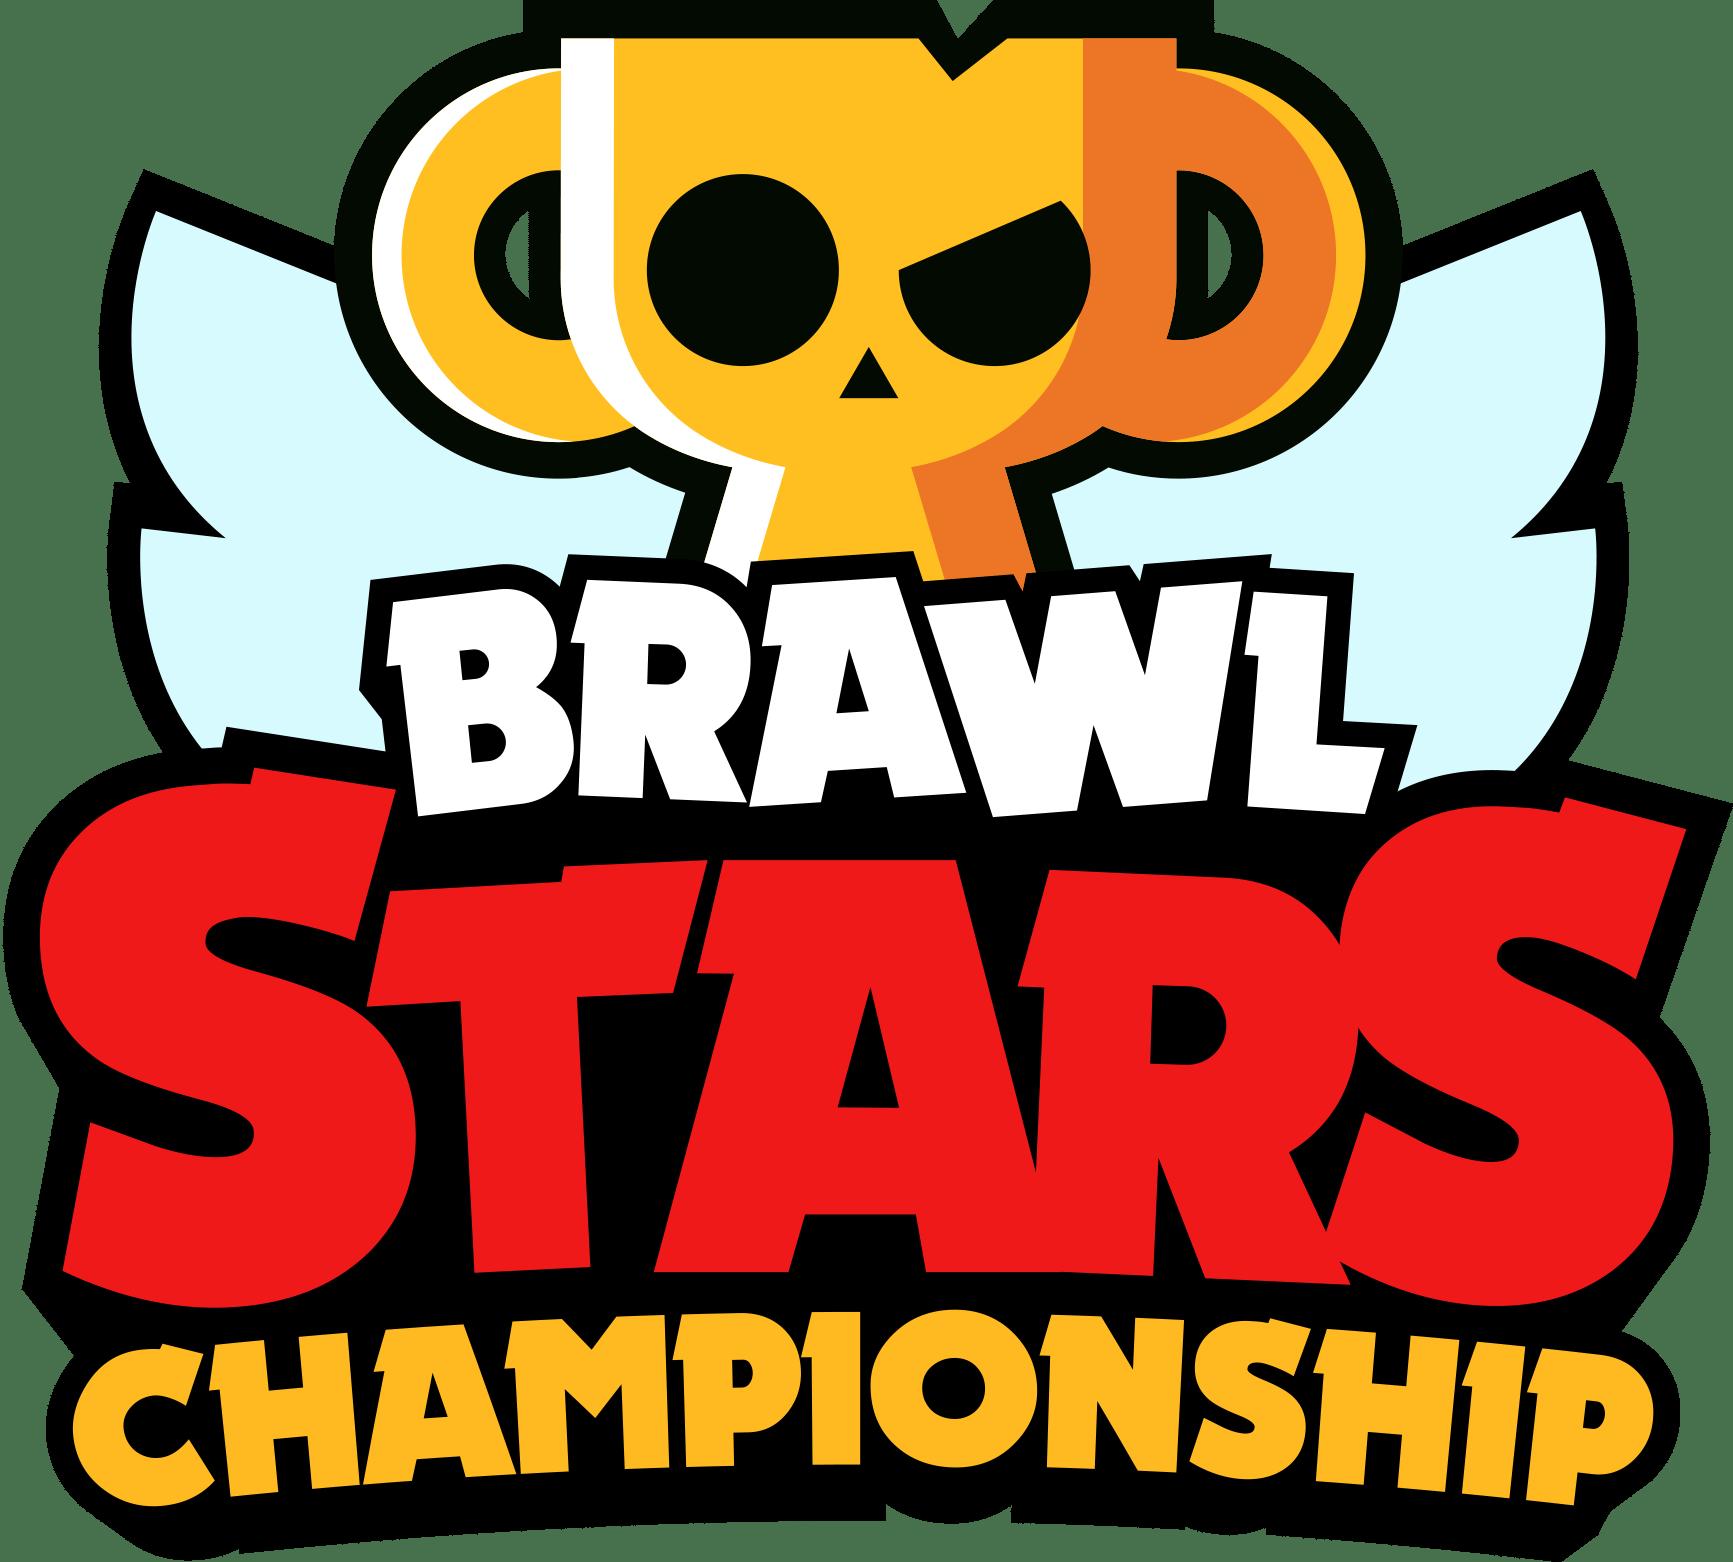 Категория:Шаблоны | Brawl Stars вики | Fandom